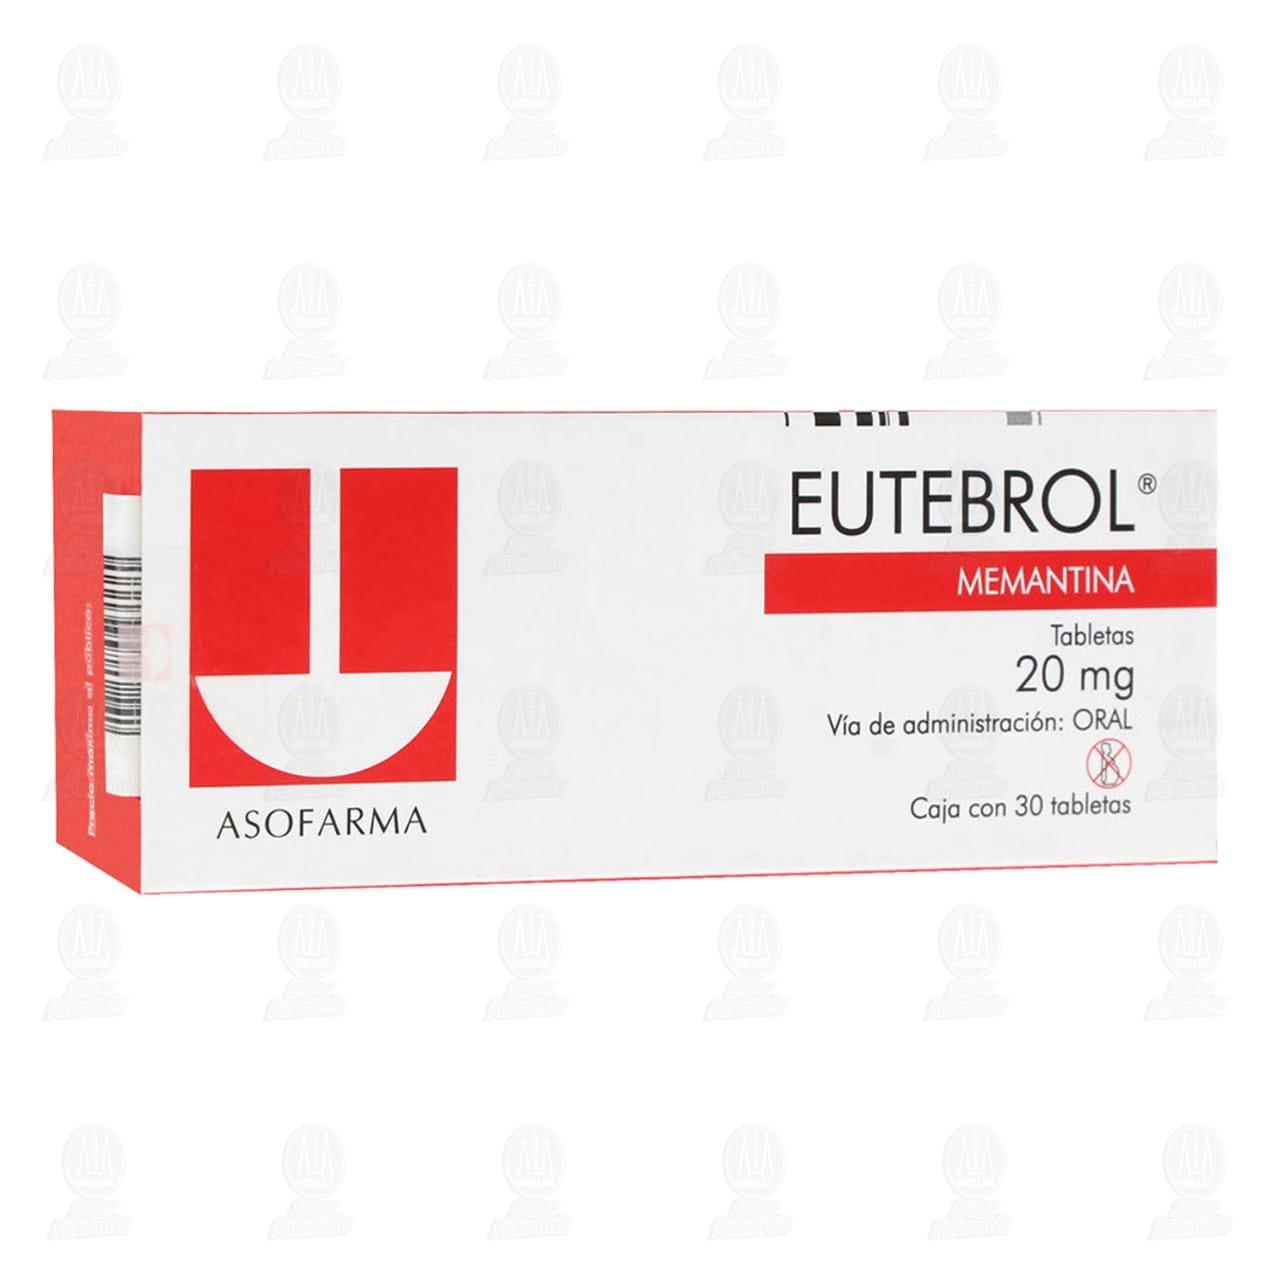 Comprar Eutebrol 20mg 30 Tabletas en Farmacias Guadalajara